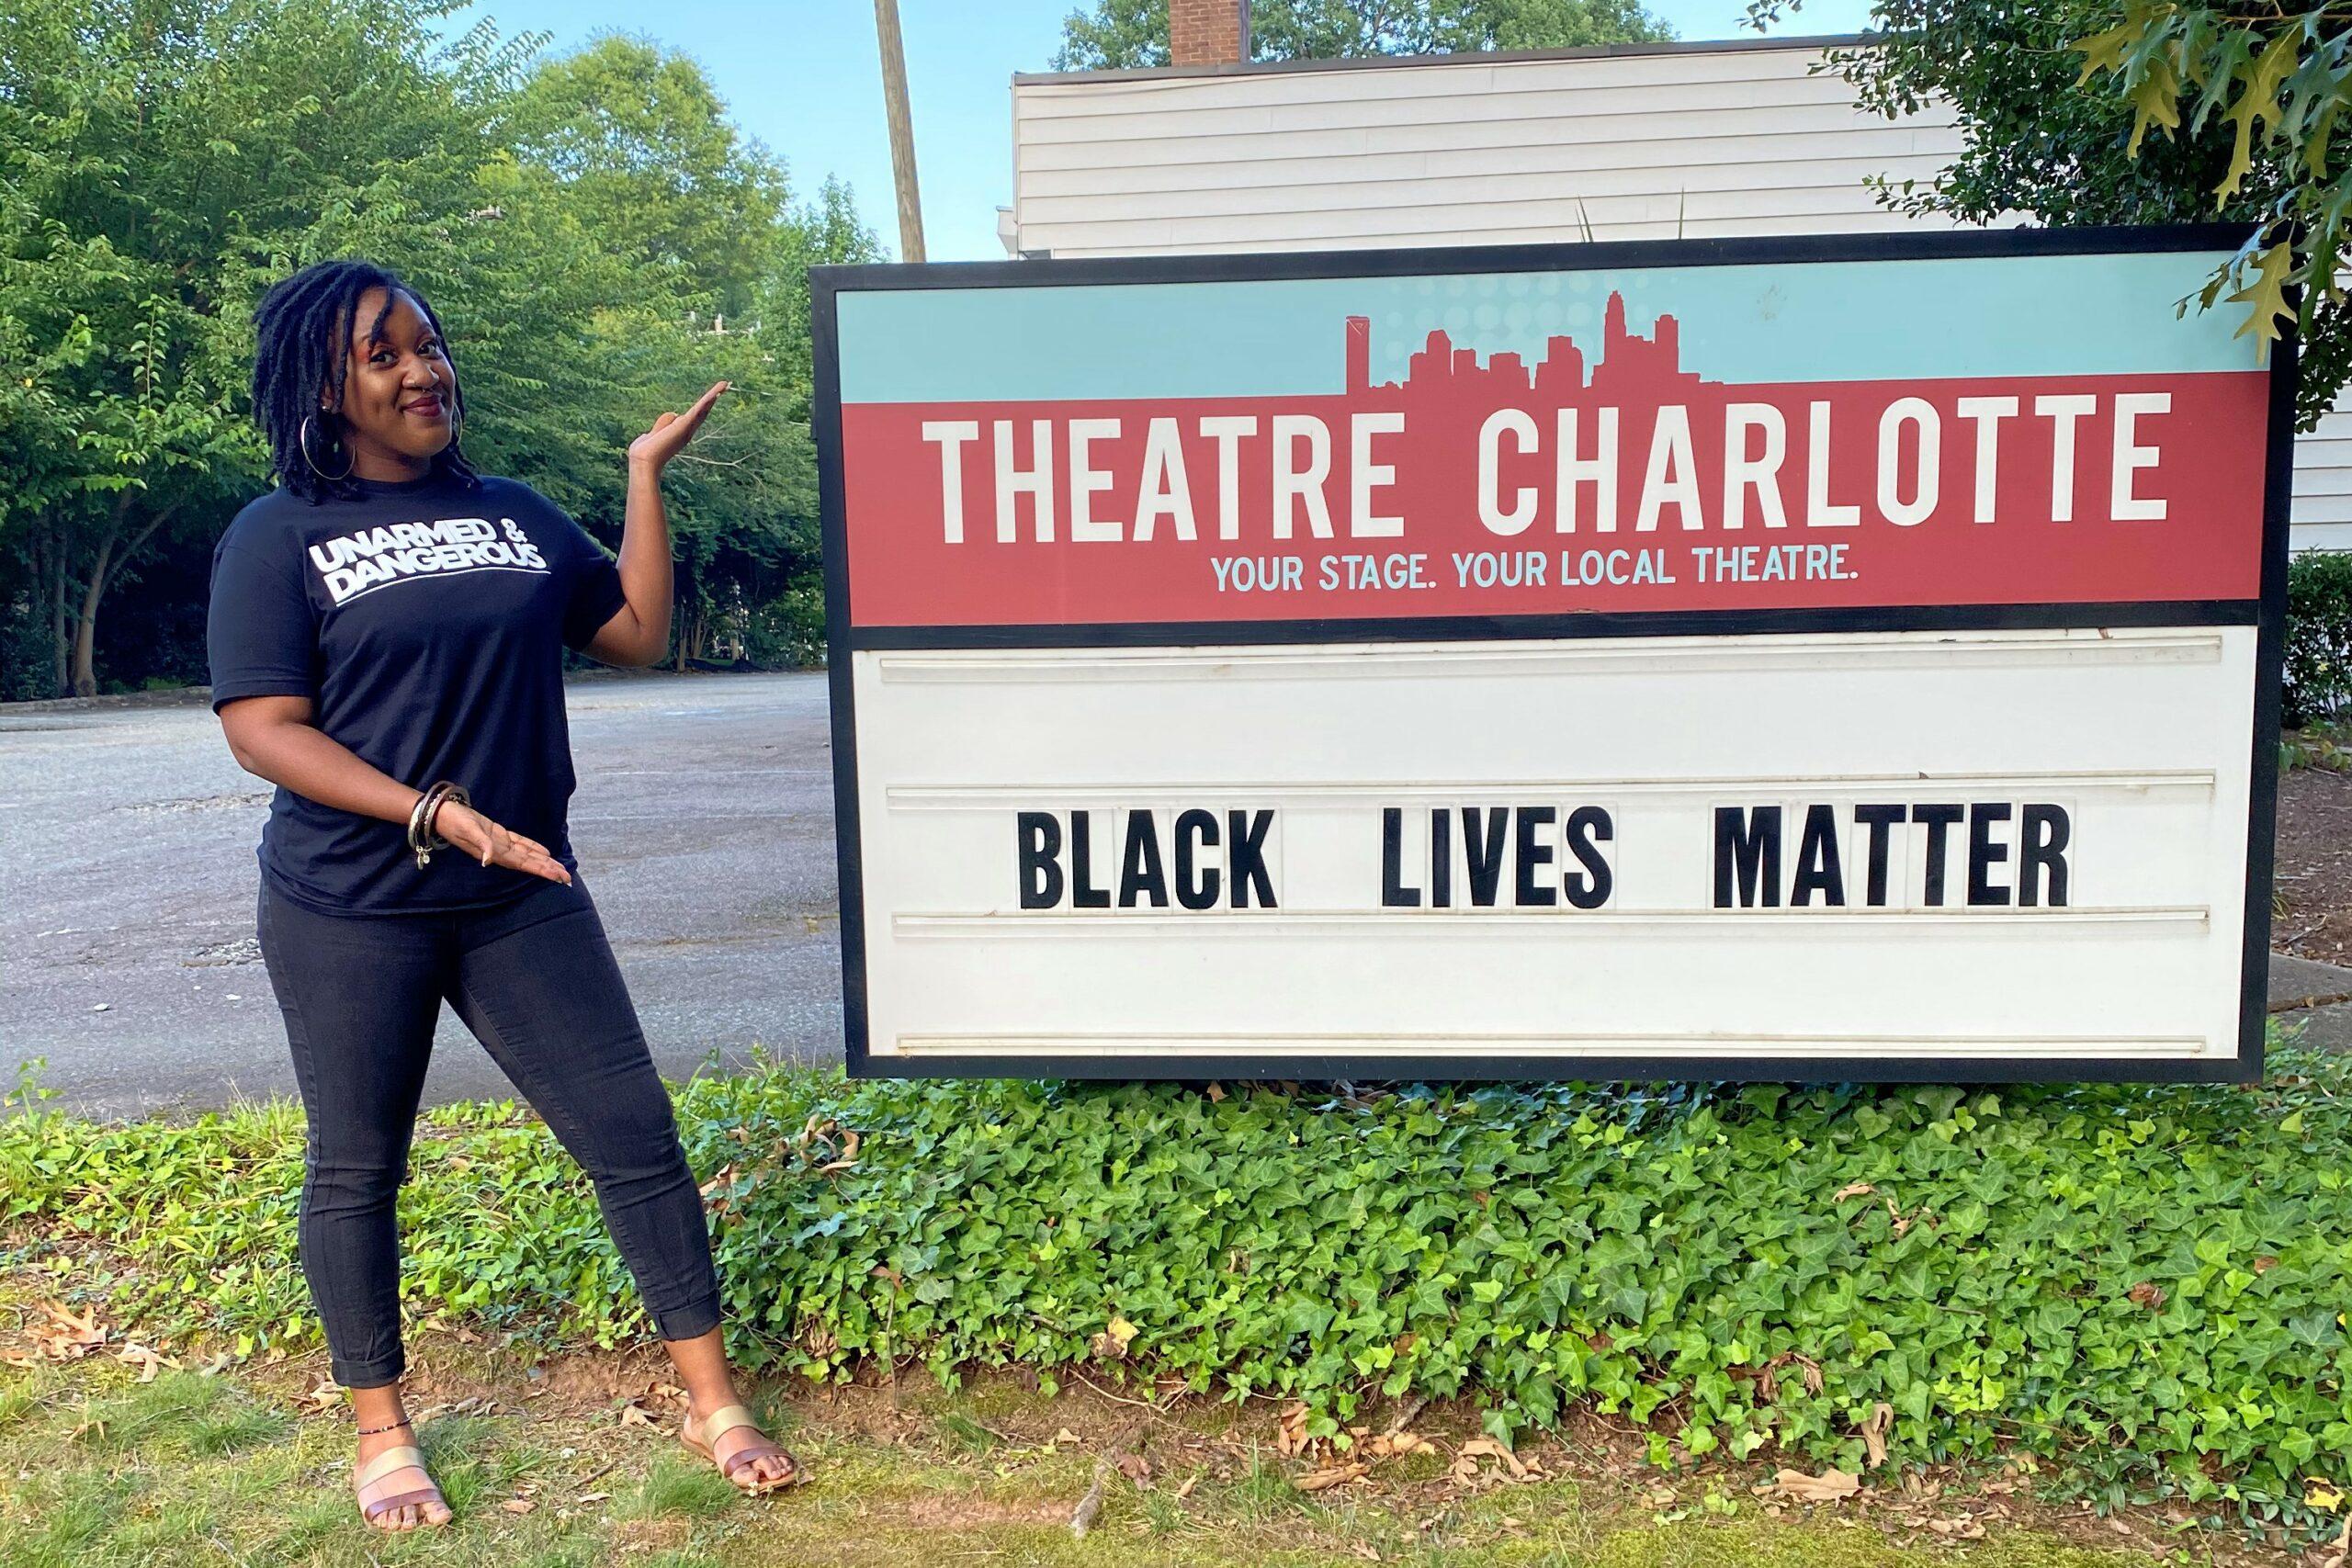 Brean-Venable-BLM-Theatre-Charlotte